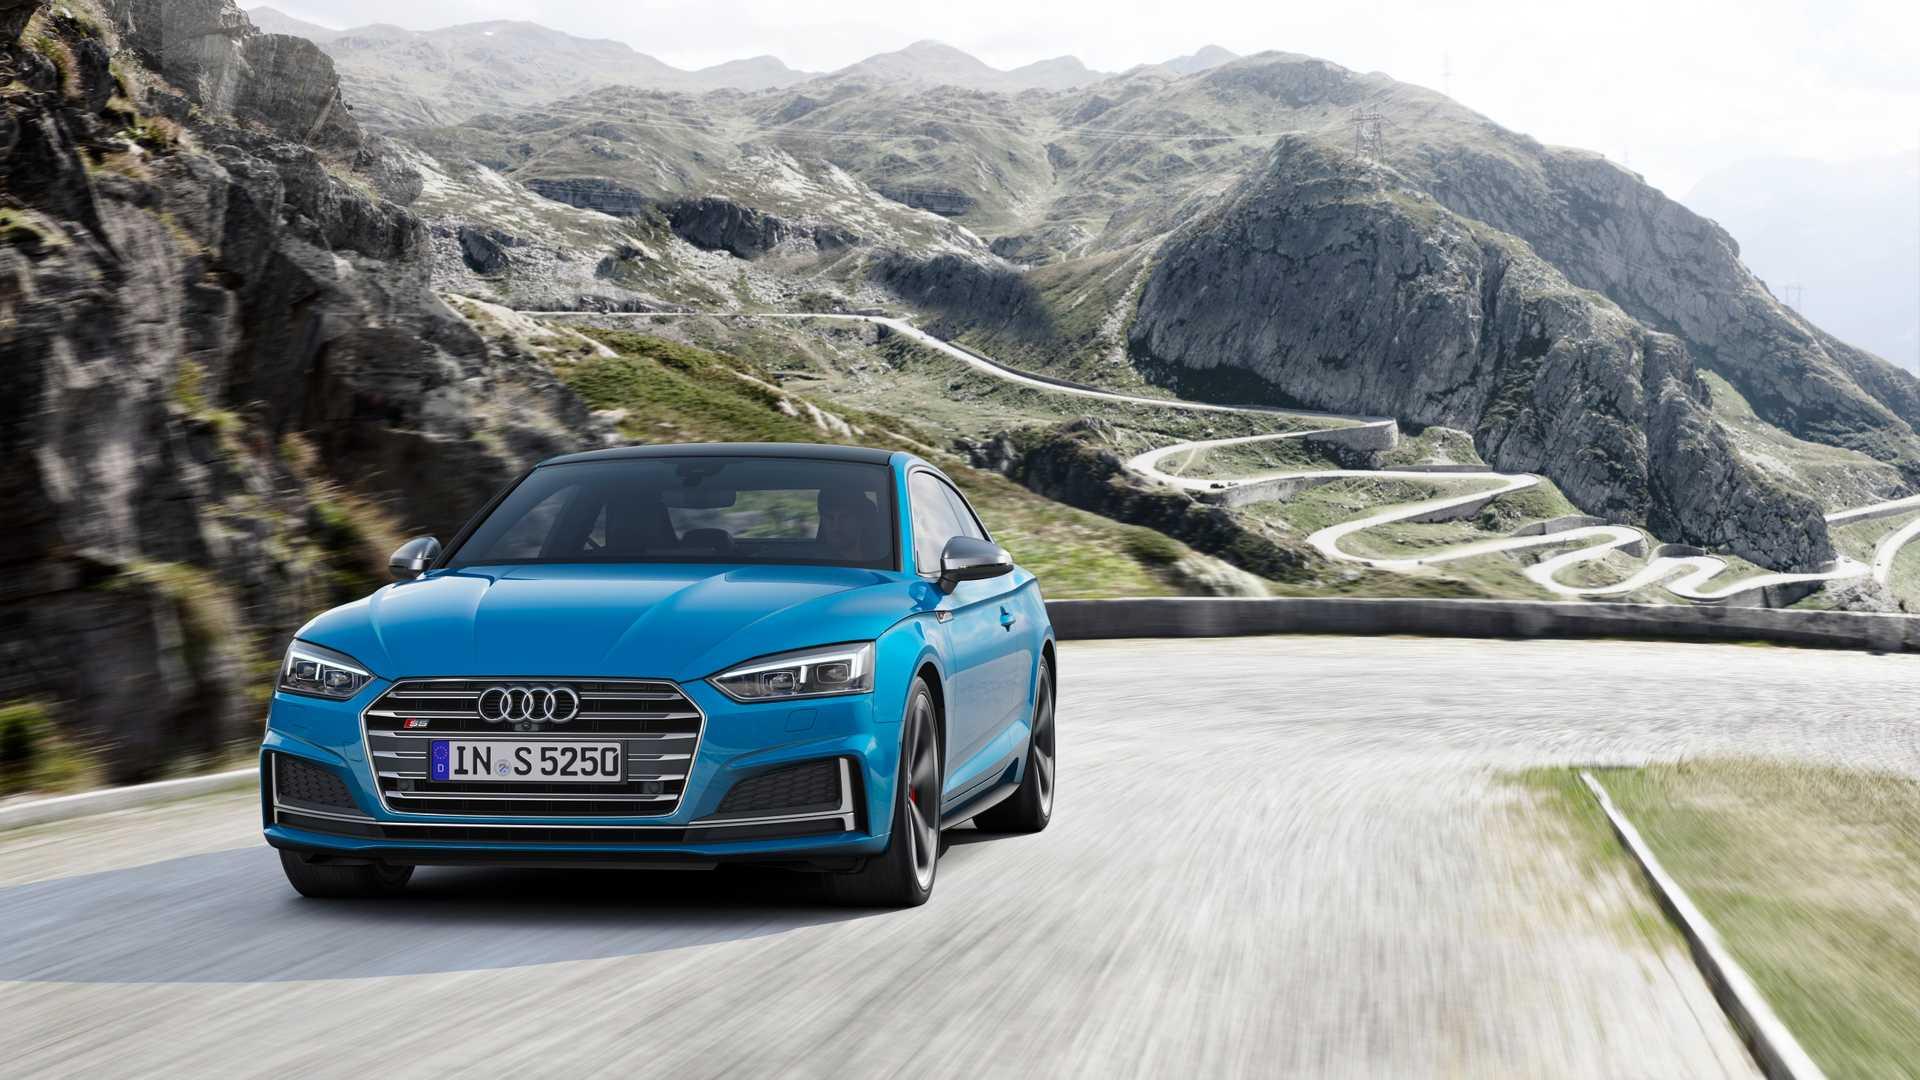 Kelebihan Audi S5 Tdi Spesifikasi